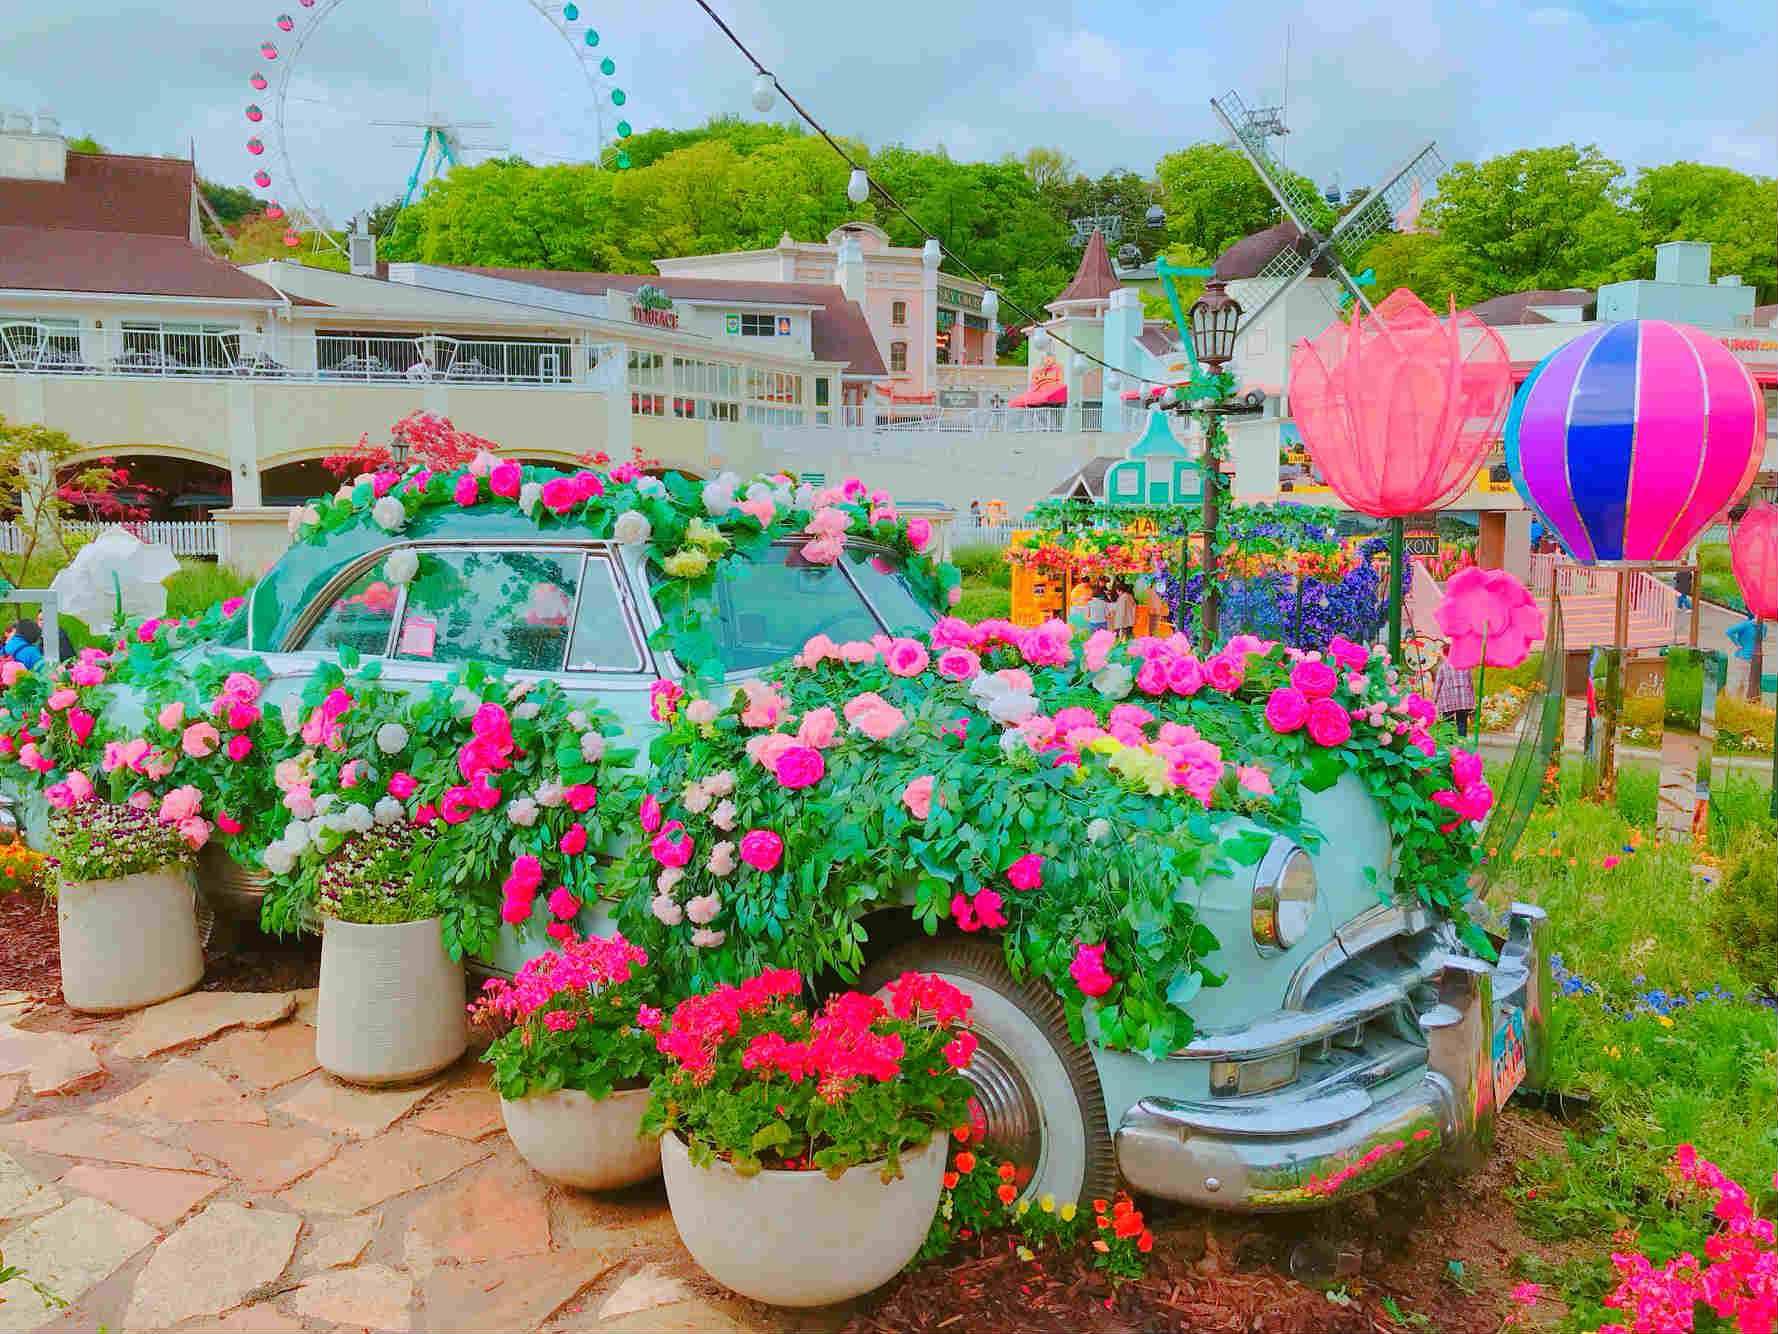 不僅如此,還用了各種鮮花裝飾房屋與古董車,簡直像進入童話故事一樣。